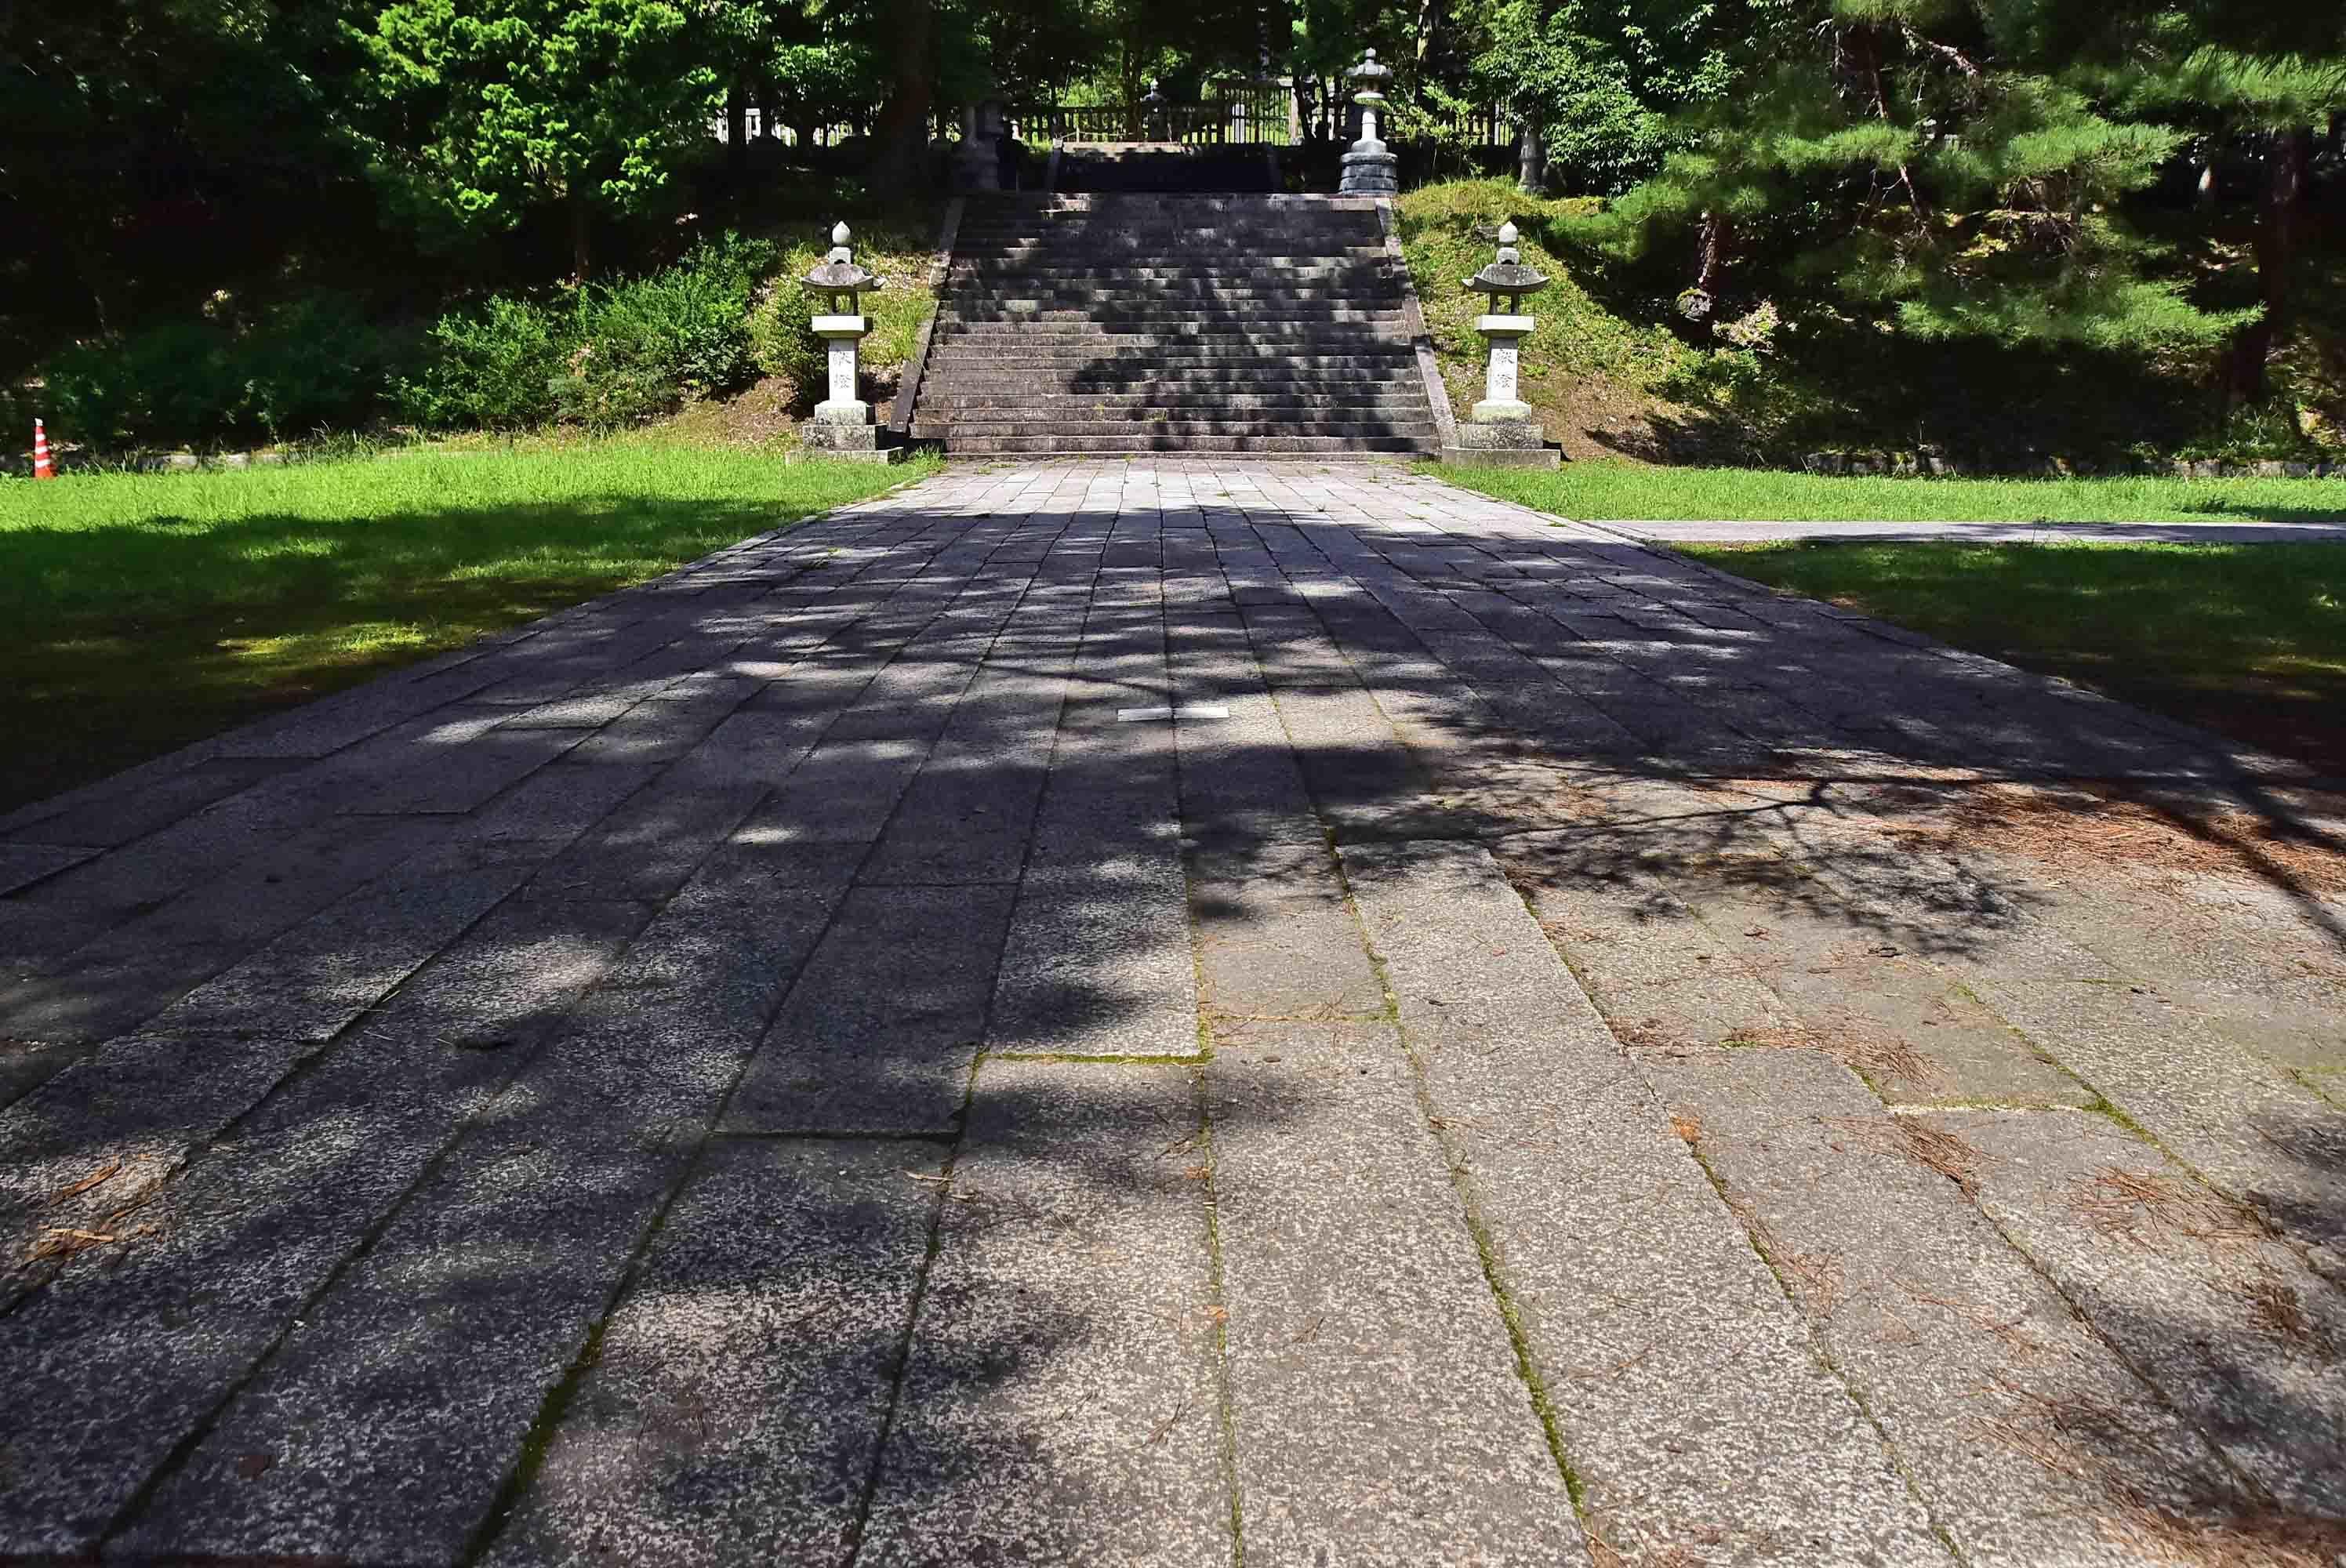 香山墓所 うぐいす張りの石畳み